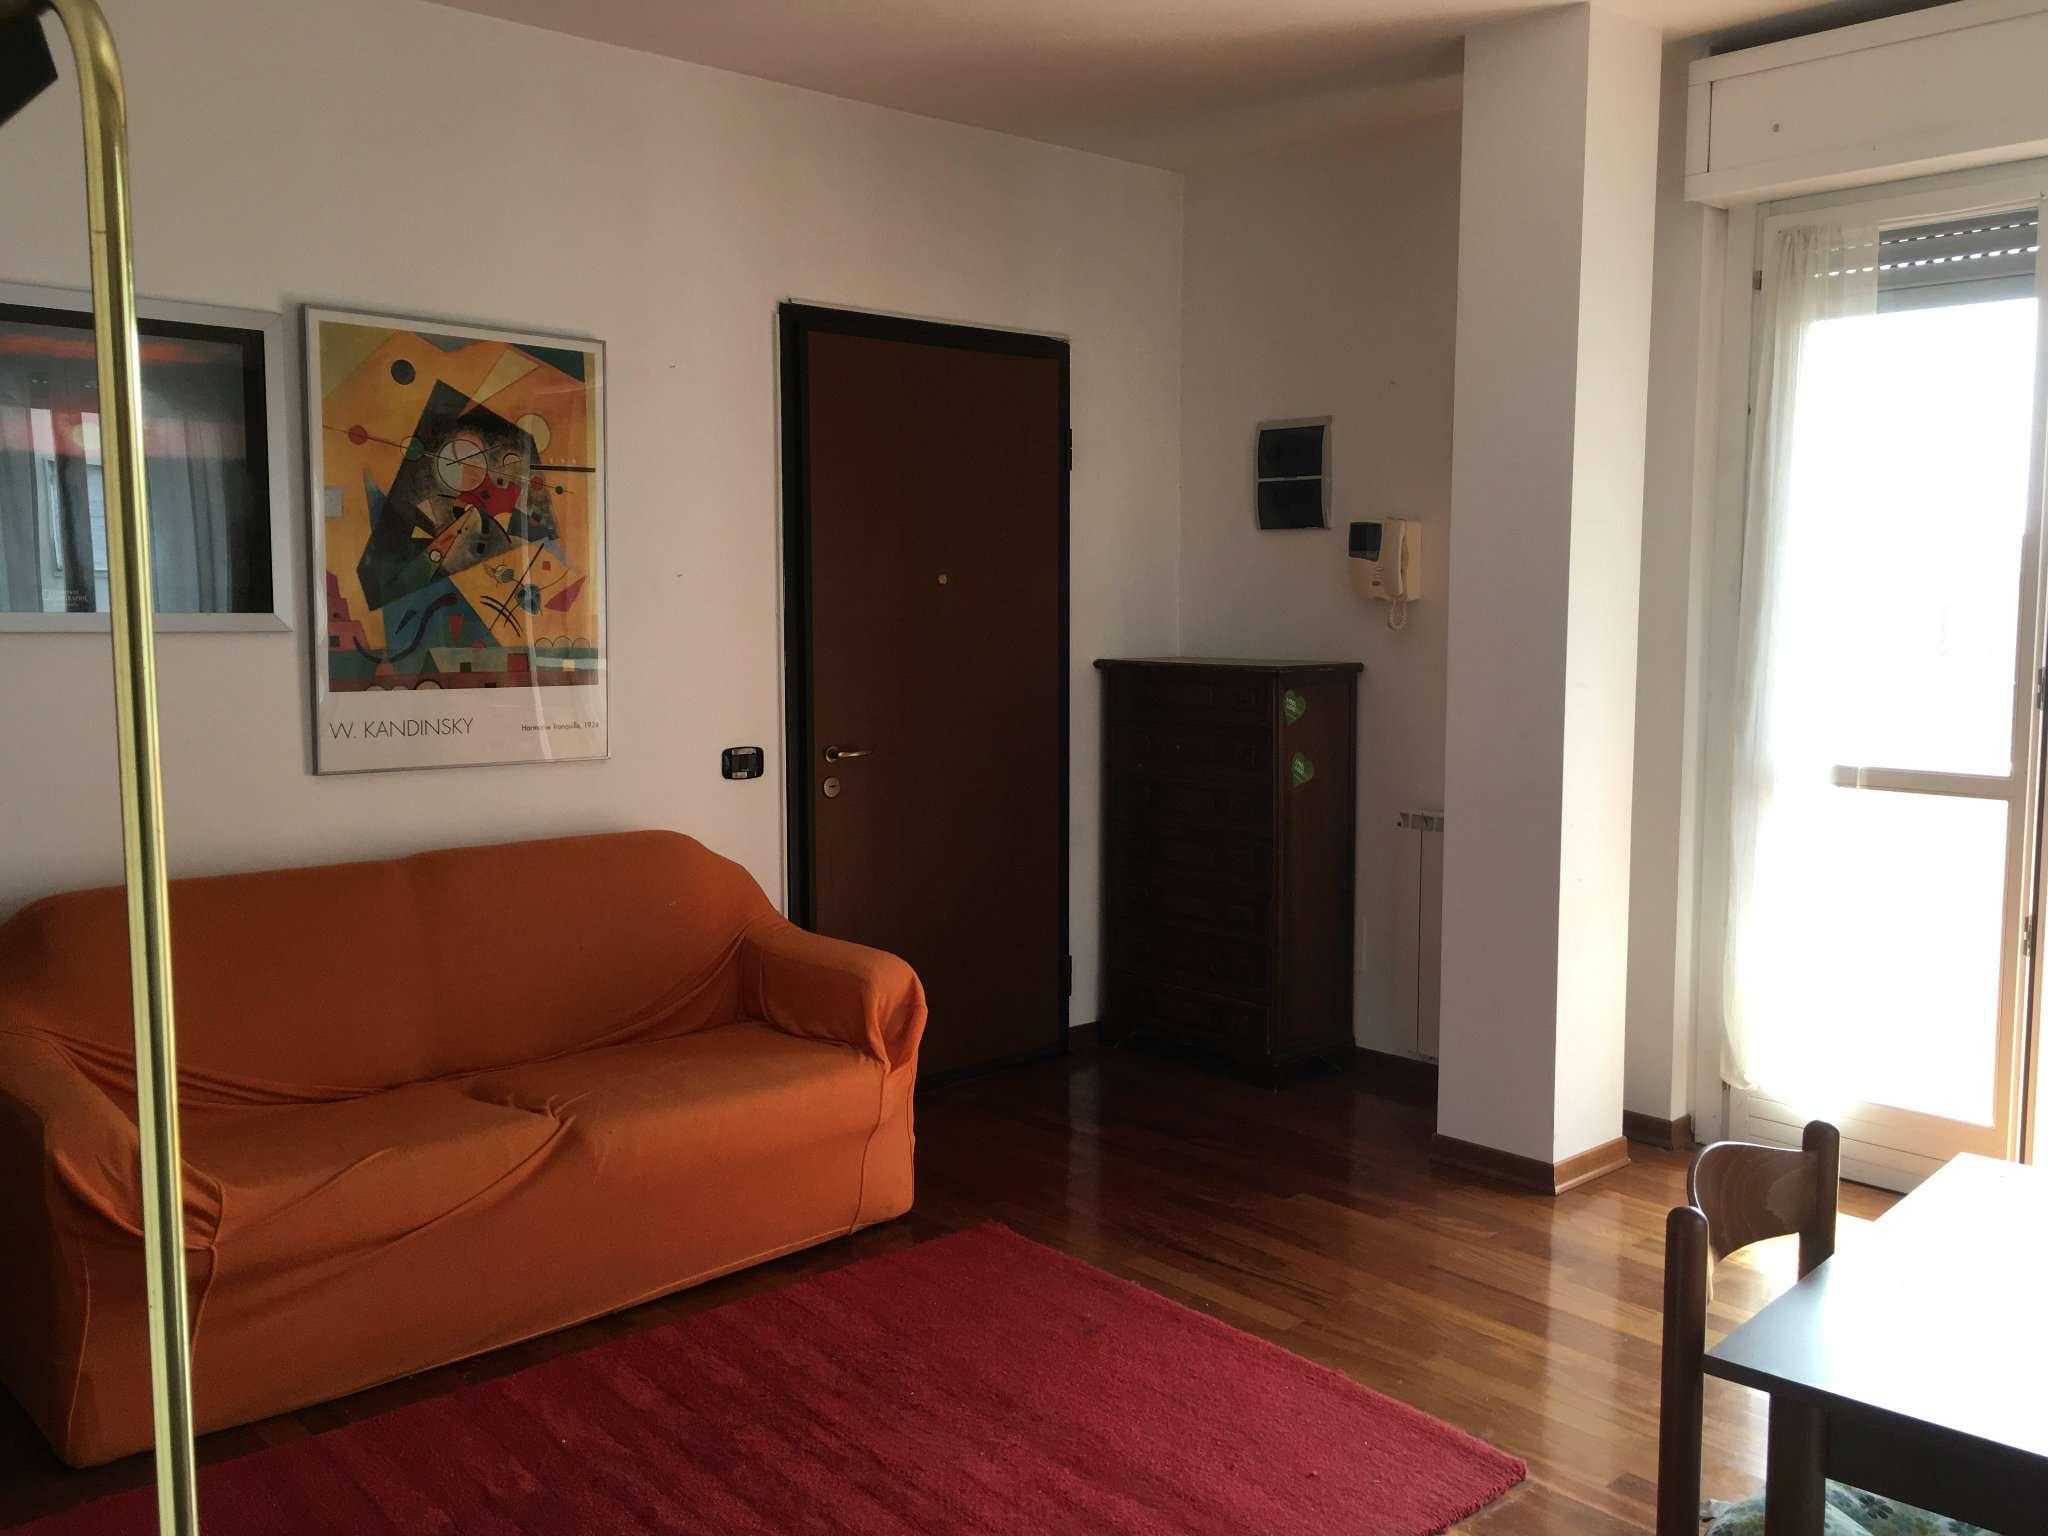 Attico / Mansarda in affitto a Busto Arsizio, 2 locali, prezzo € 600 | CambioCasa.it